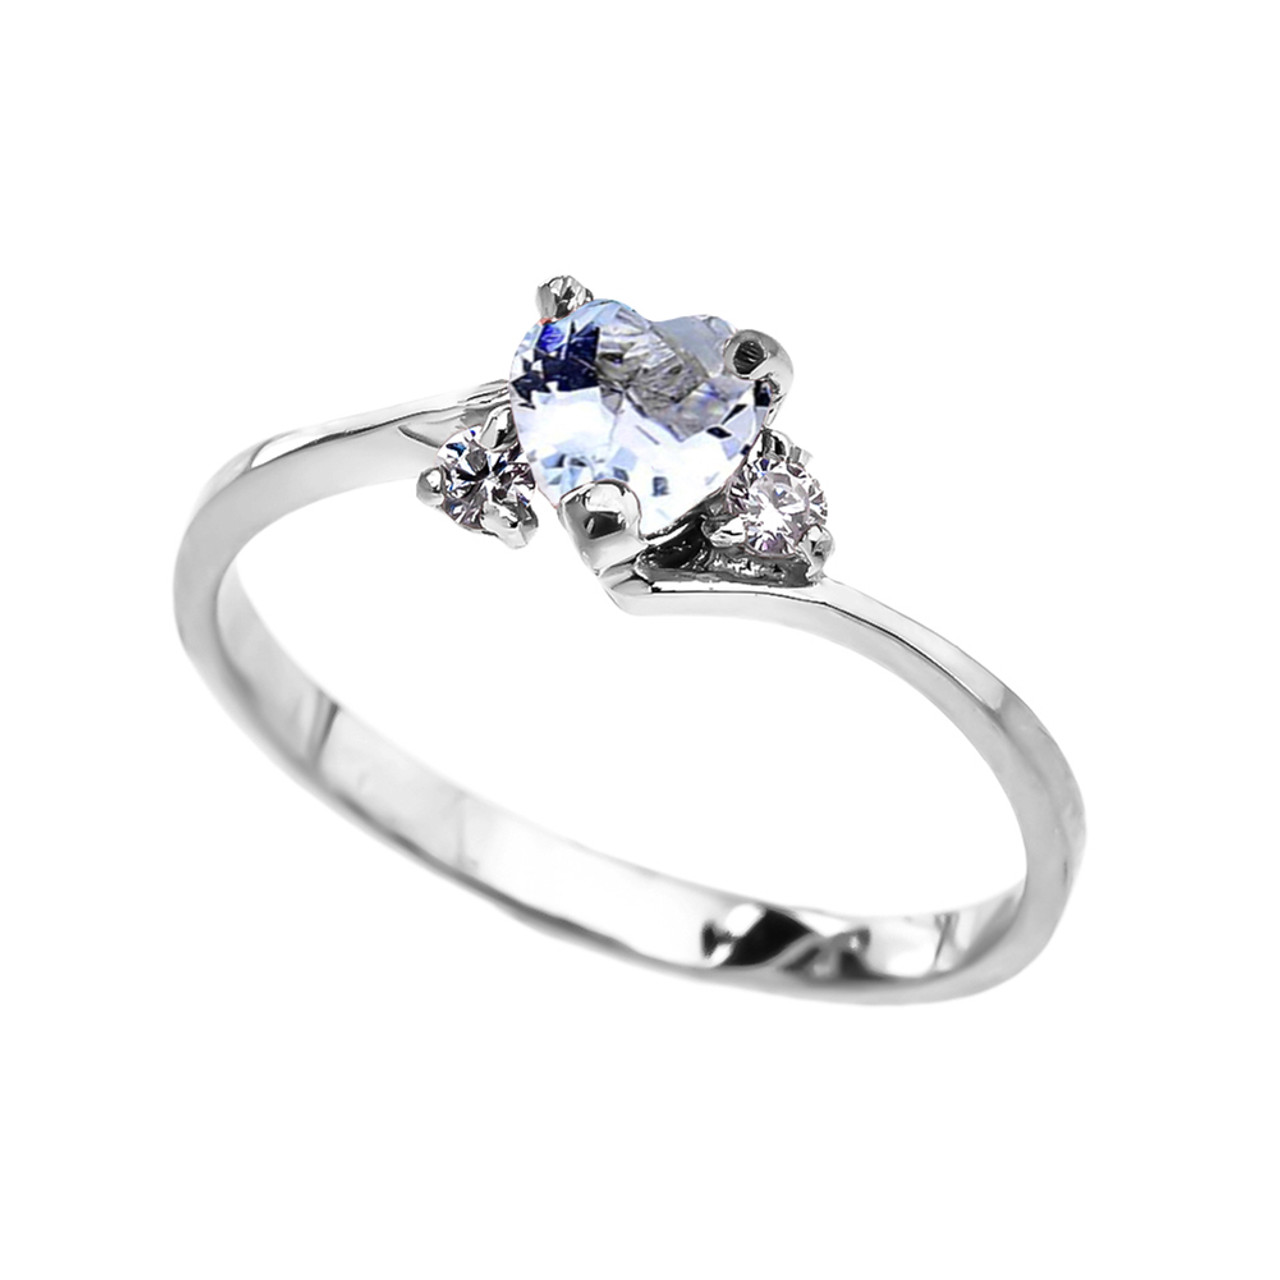 10k White Gold Round Aquamarine Heart Ring